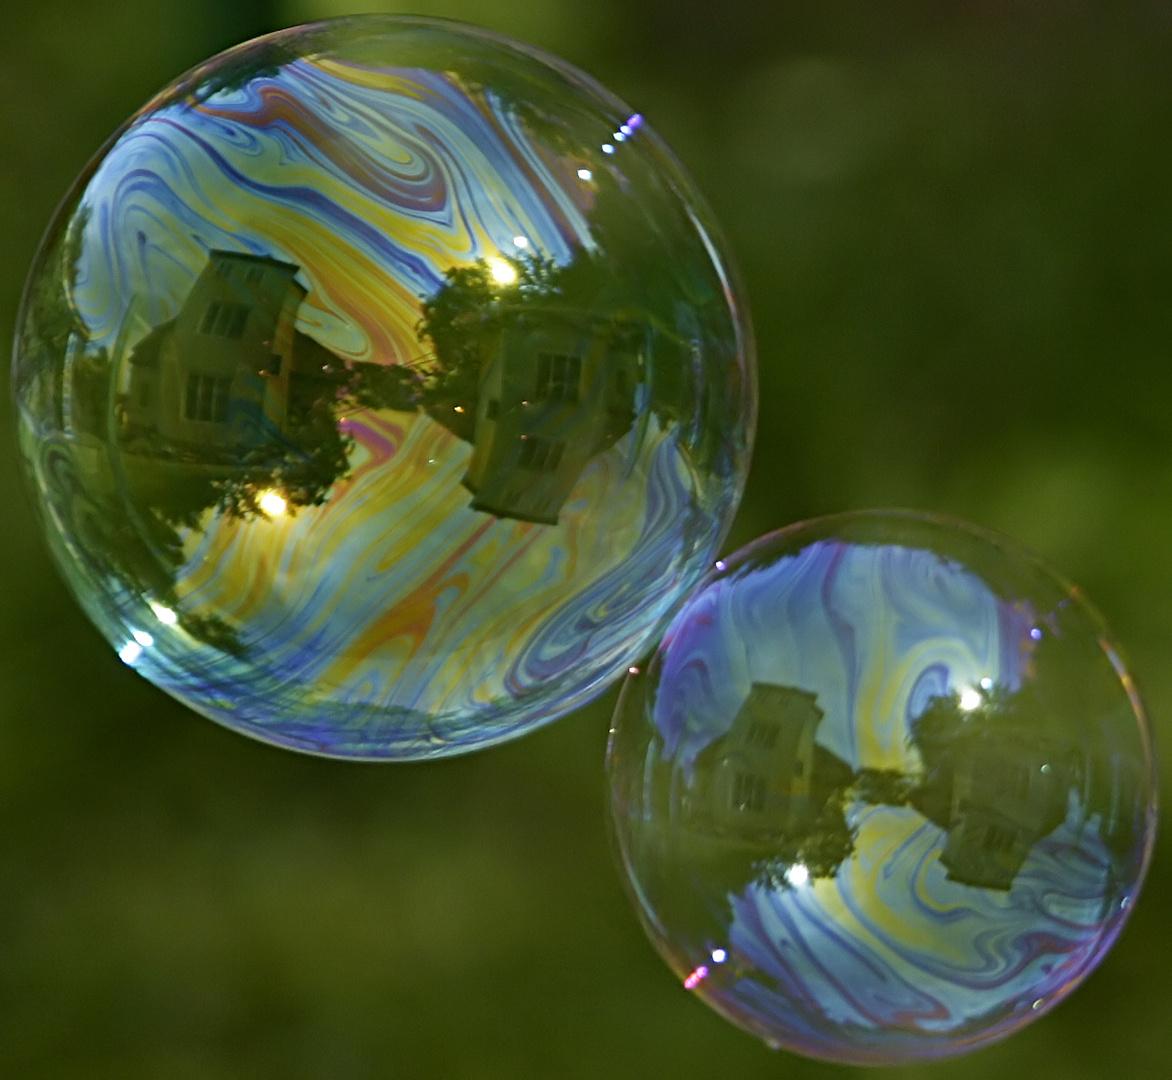 seifenblasenversuche (3)